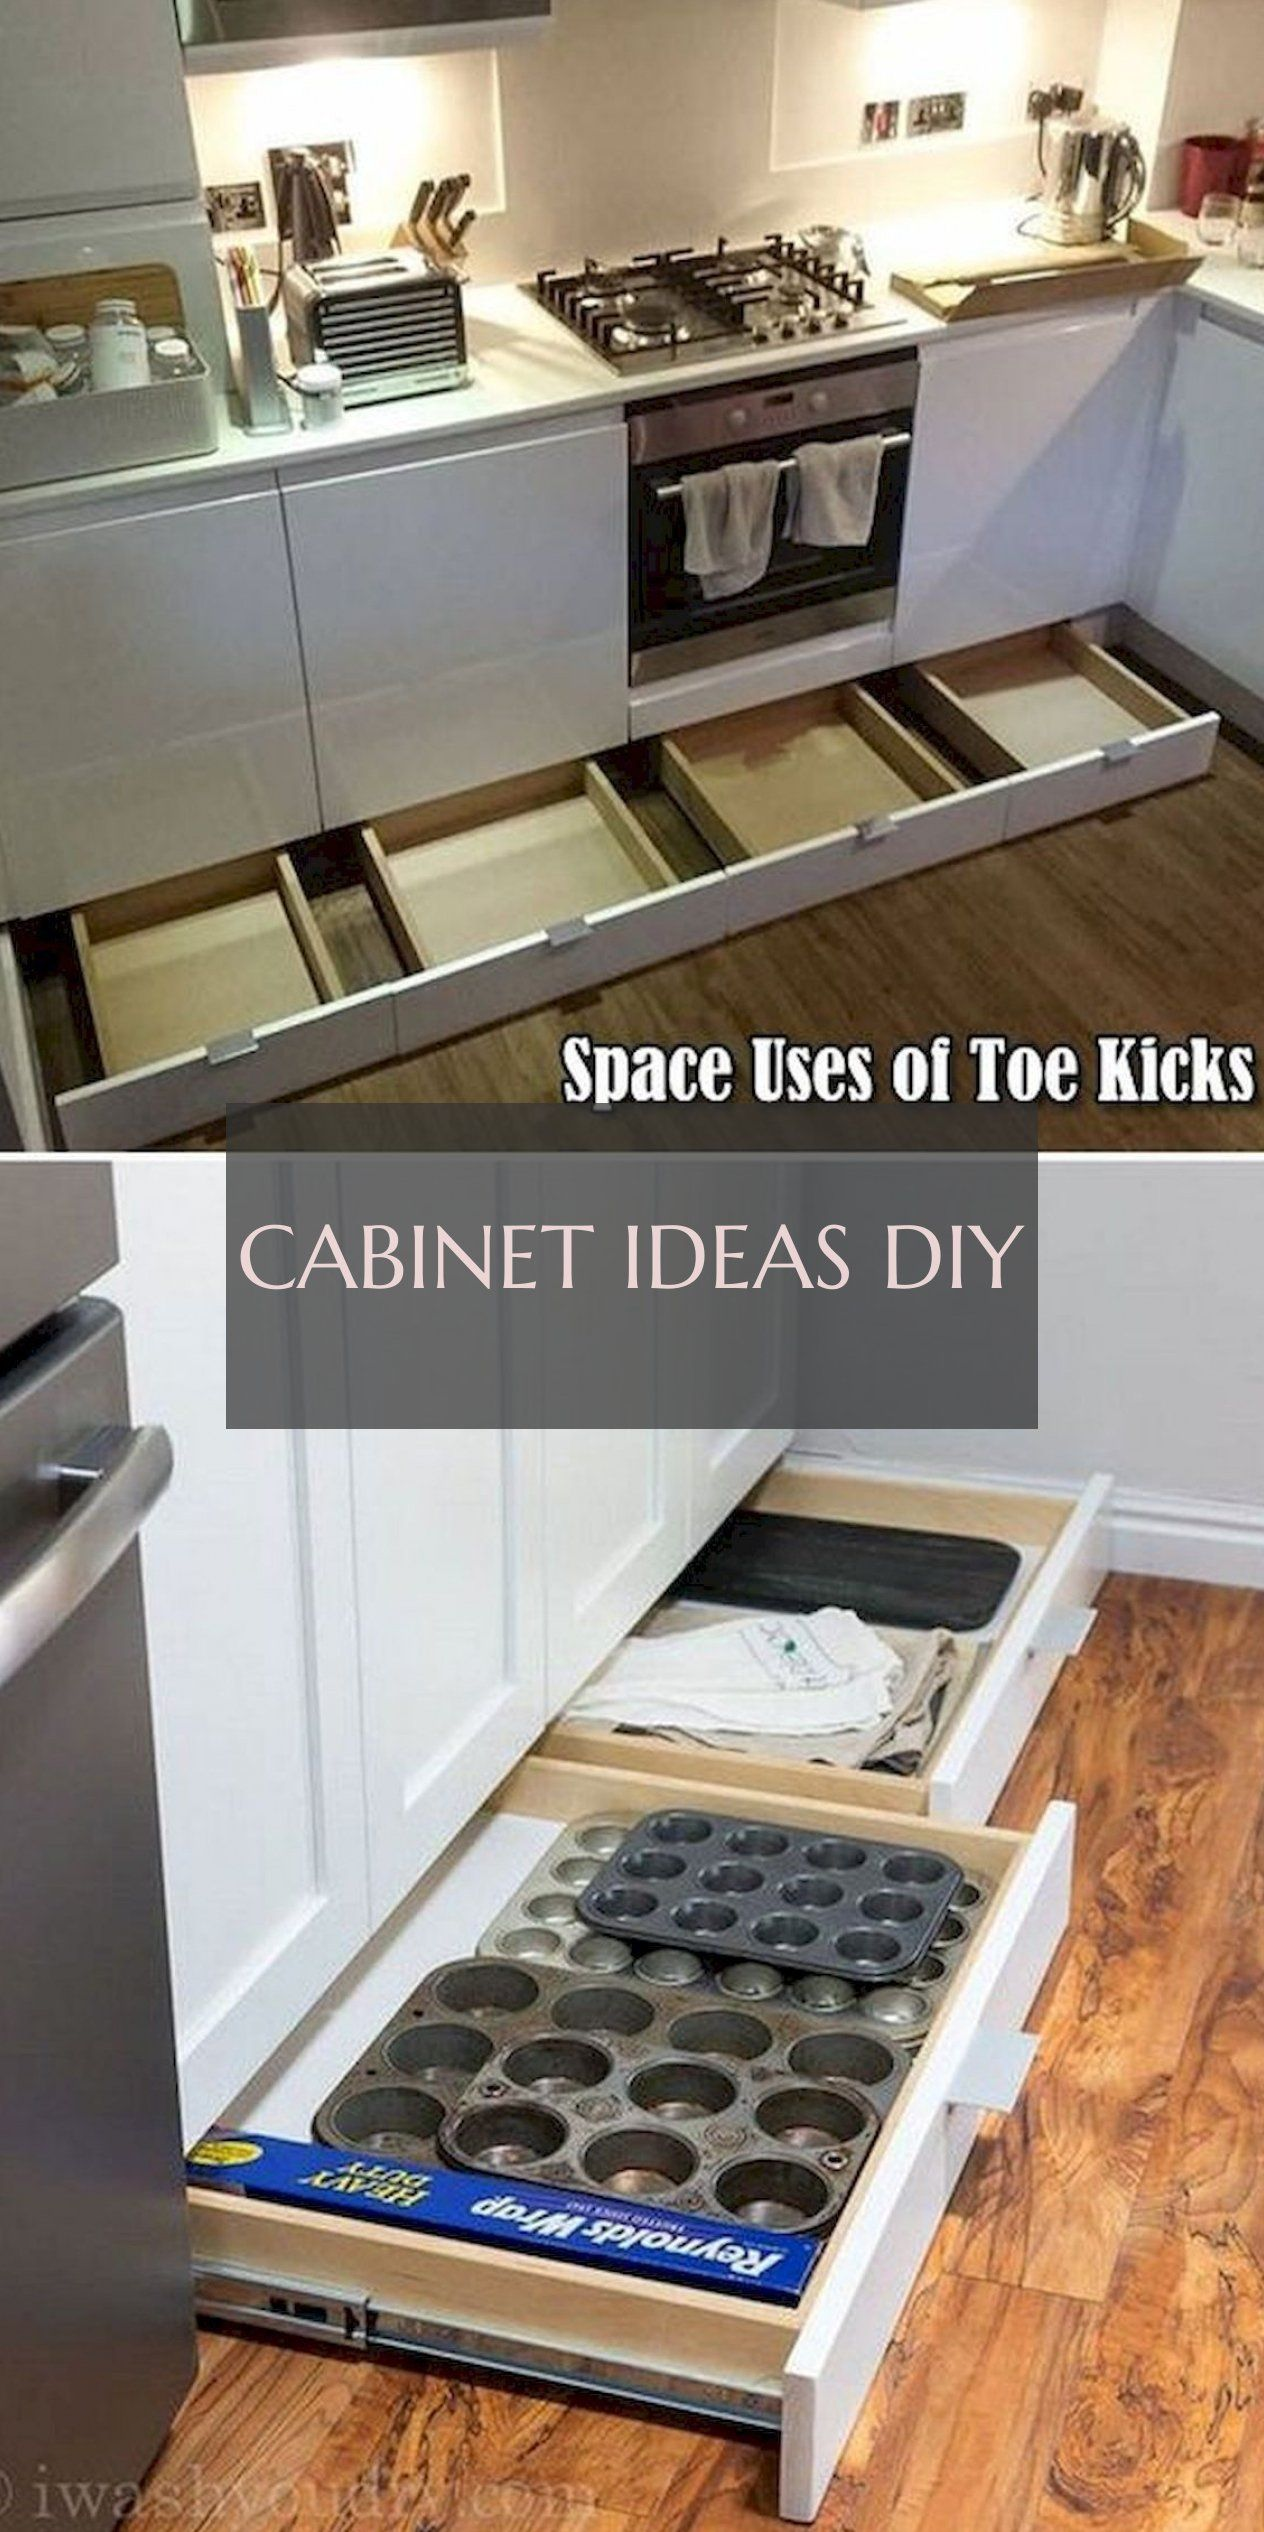 cabinet ideas diy